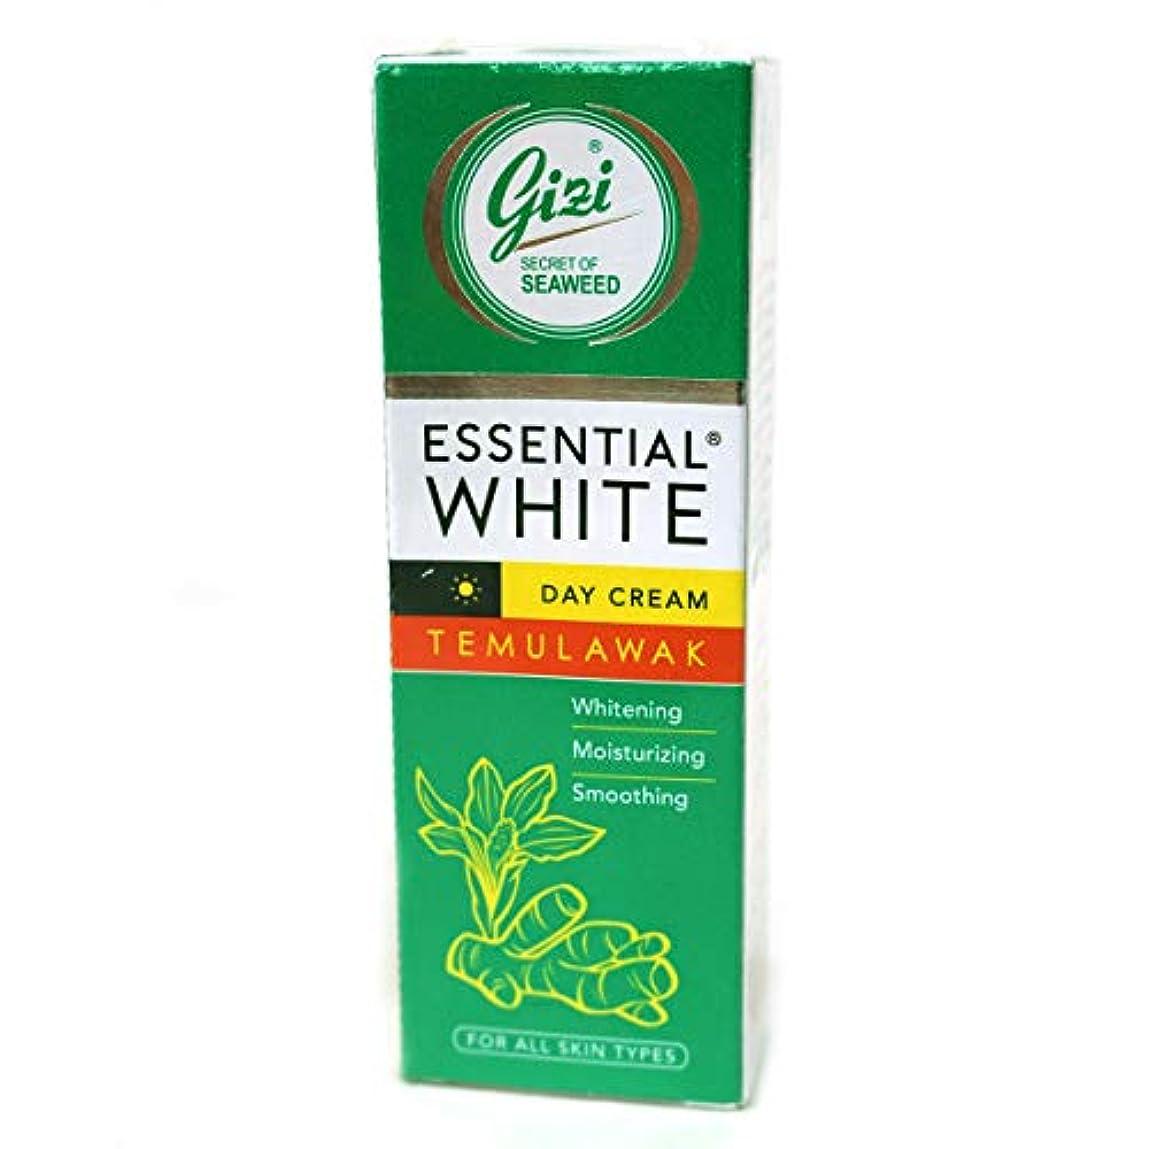 優しさパイルスリラーギジ gizi Essential White 日中用スキンケアクリーム チューブタイプ 18g テムラワク ウコン など天然成分配合 [海外直送品]